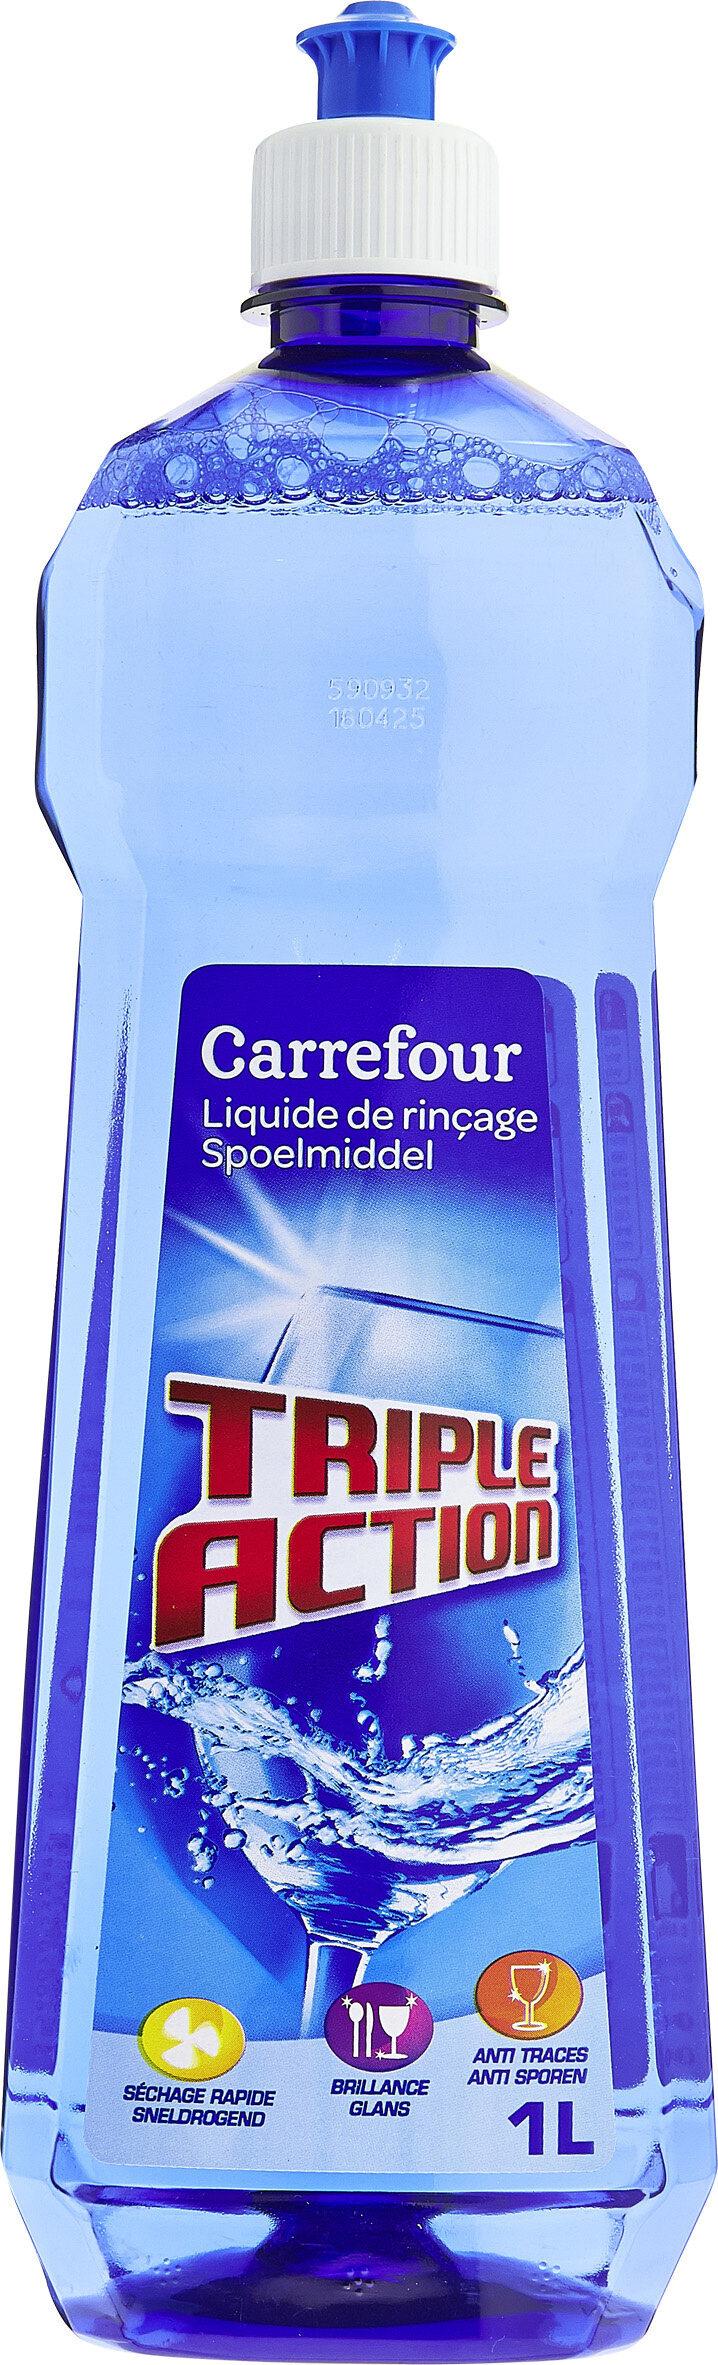 Liquide de rinçage lave vaisselle - Produit - fr